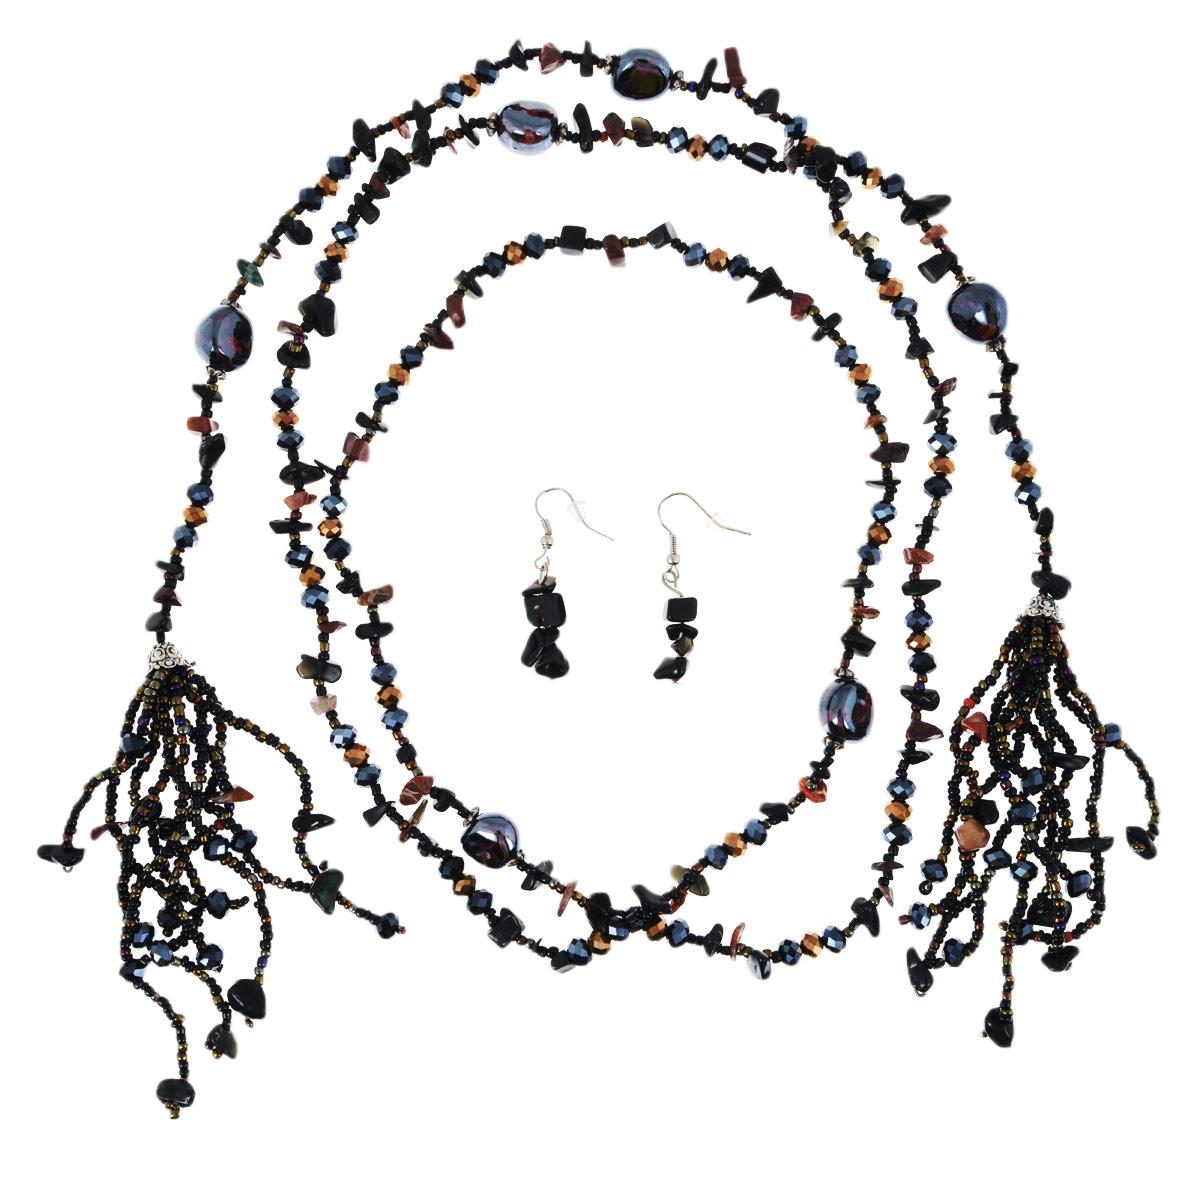 Колье Avgad, цвет: коричневый, темно-серый. H-477S841H-477S841Оригинальный комплект украшений Avgad включает в себя колье и серьги, изготовленные из чешского хрусталя и ювелирного сплава. Колье не имеет застежки, что позволяет оставить его длинным или укоротить, обмотав шею несколько раз. Серьги застегиваются с помощью замка-петли. Такой комплект позволит вам с легкостью воплотить самую смелую фантазию и создать собственный, неповторимый образ.